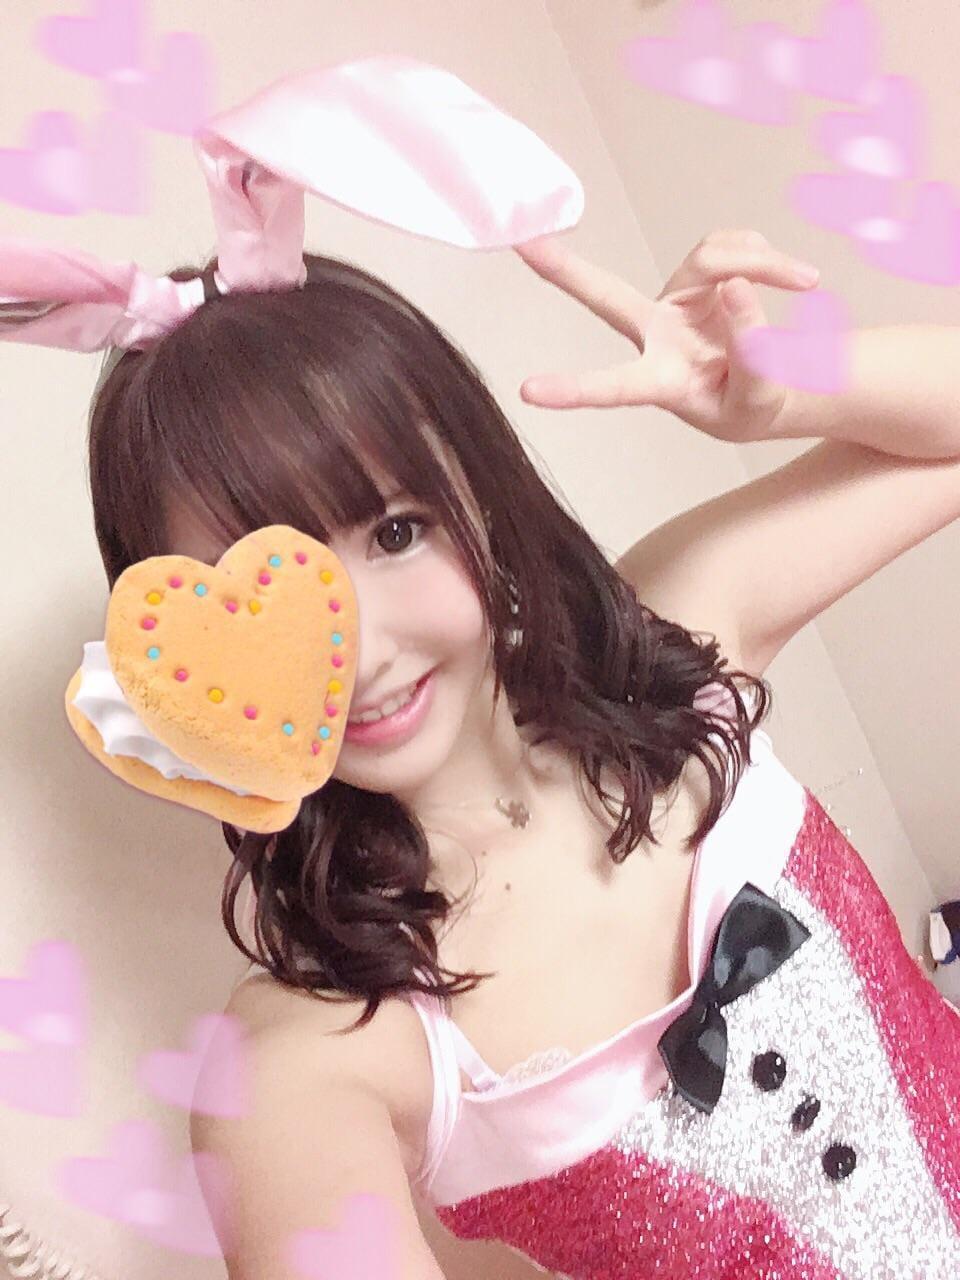 「ハロウィン♡」10/27(土) 00:32   みなみの写メ・風俗動画